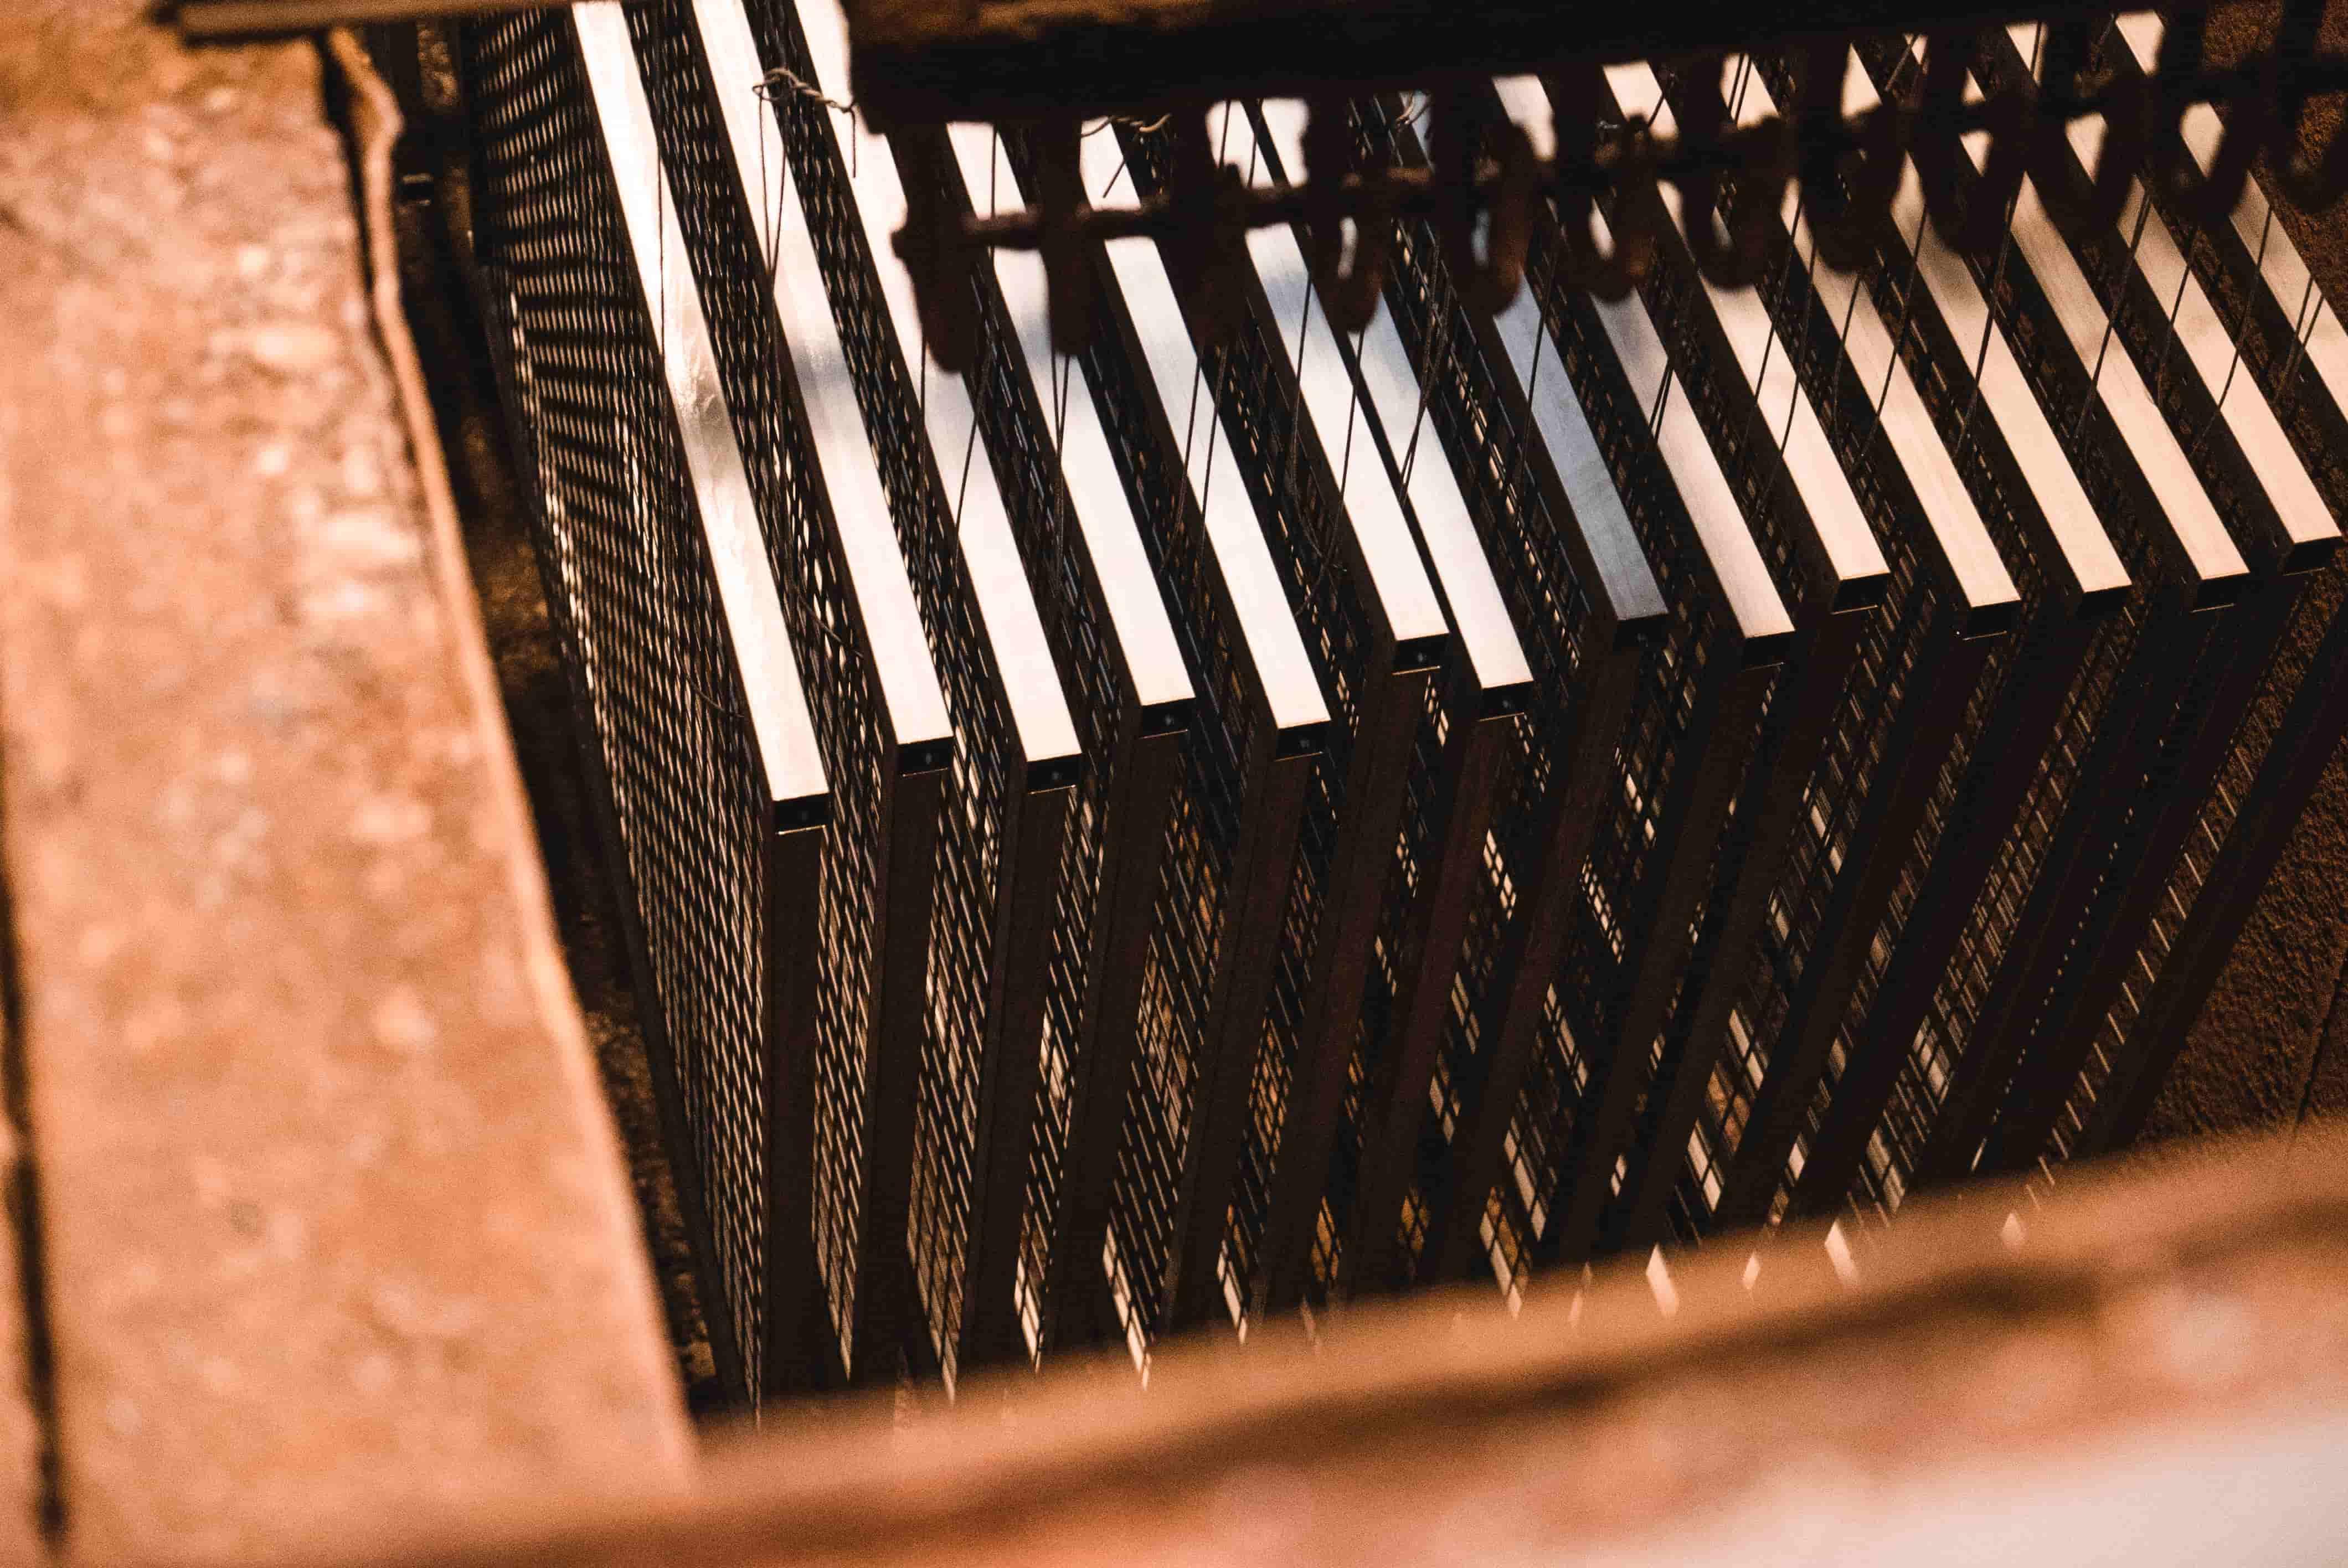 Séchage d'une pièce métallique avant un traitement de galvanisation